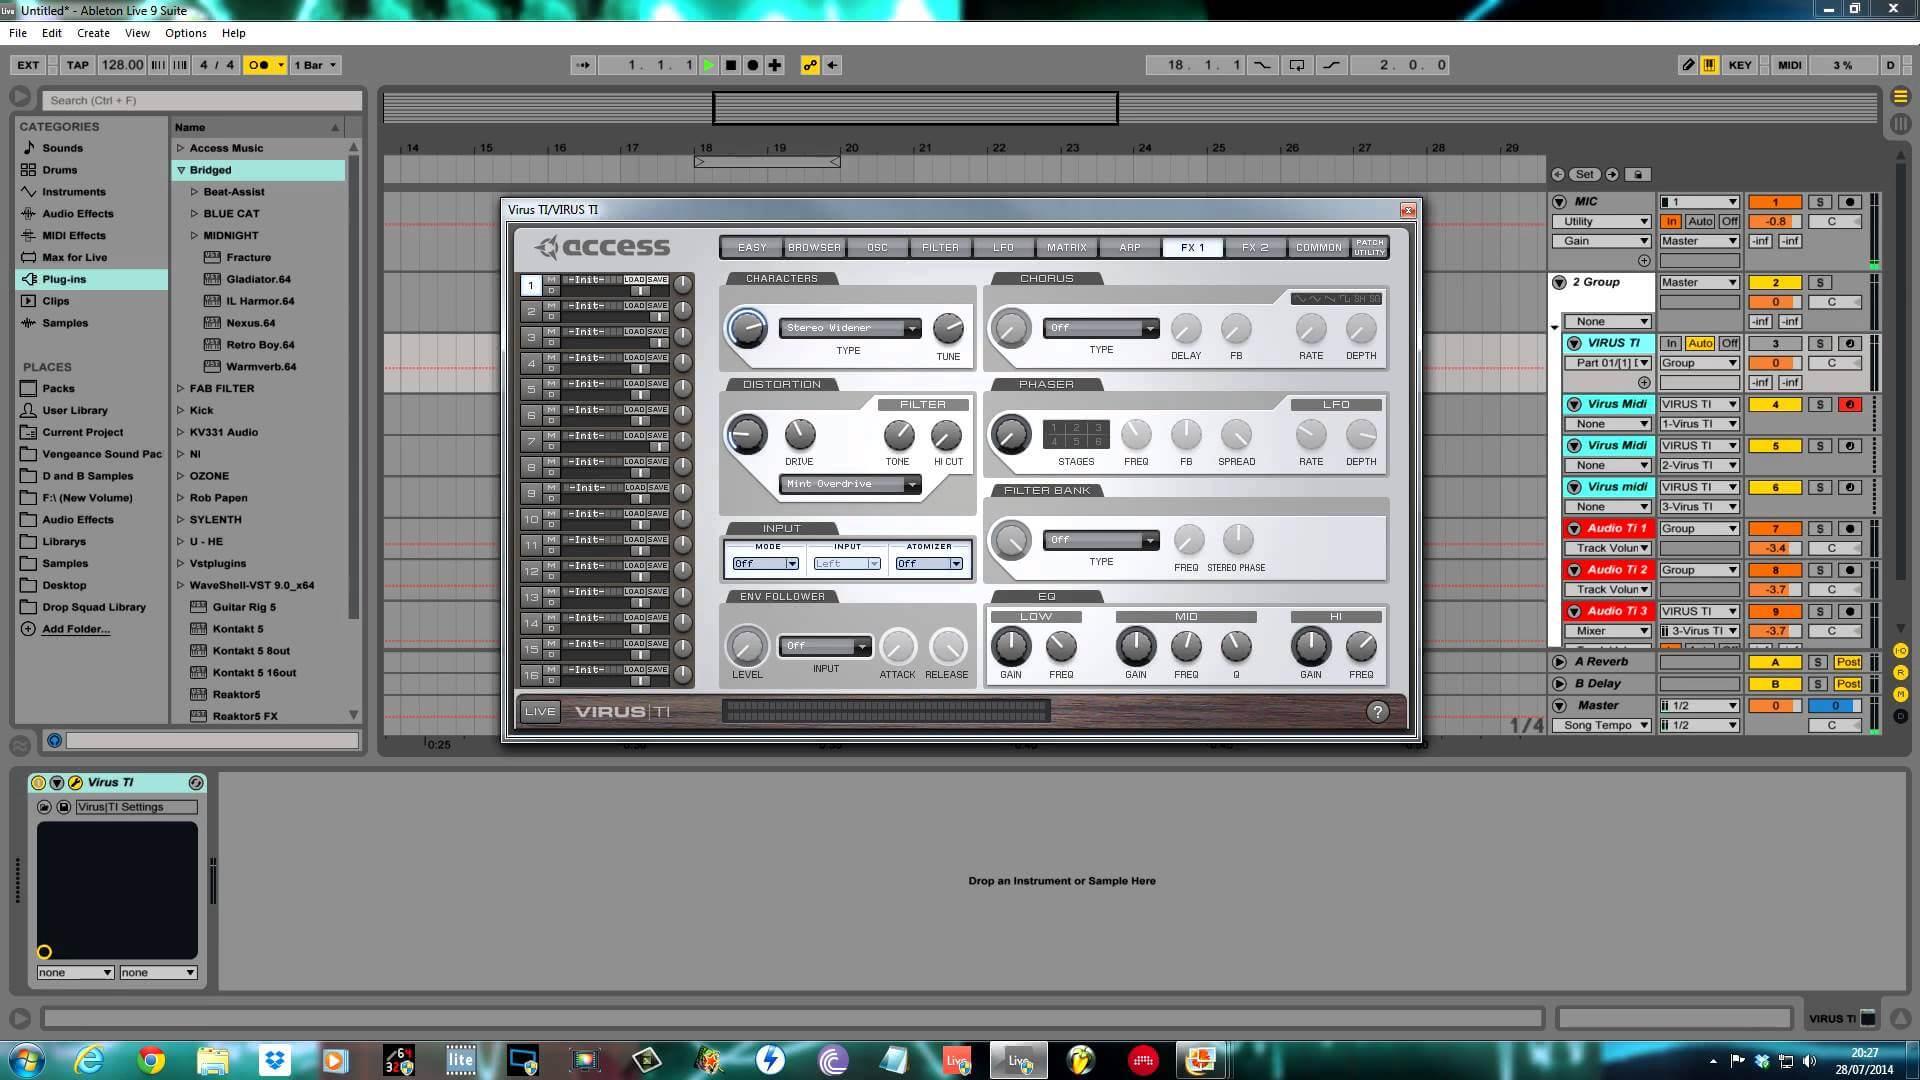 Access Virus Ti tutorial - Dream pad